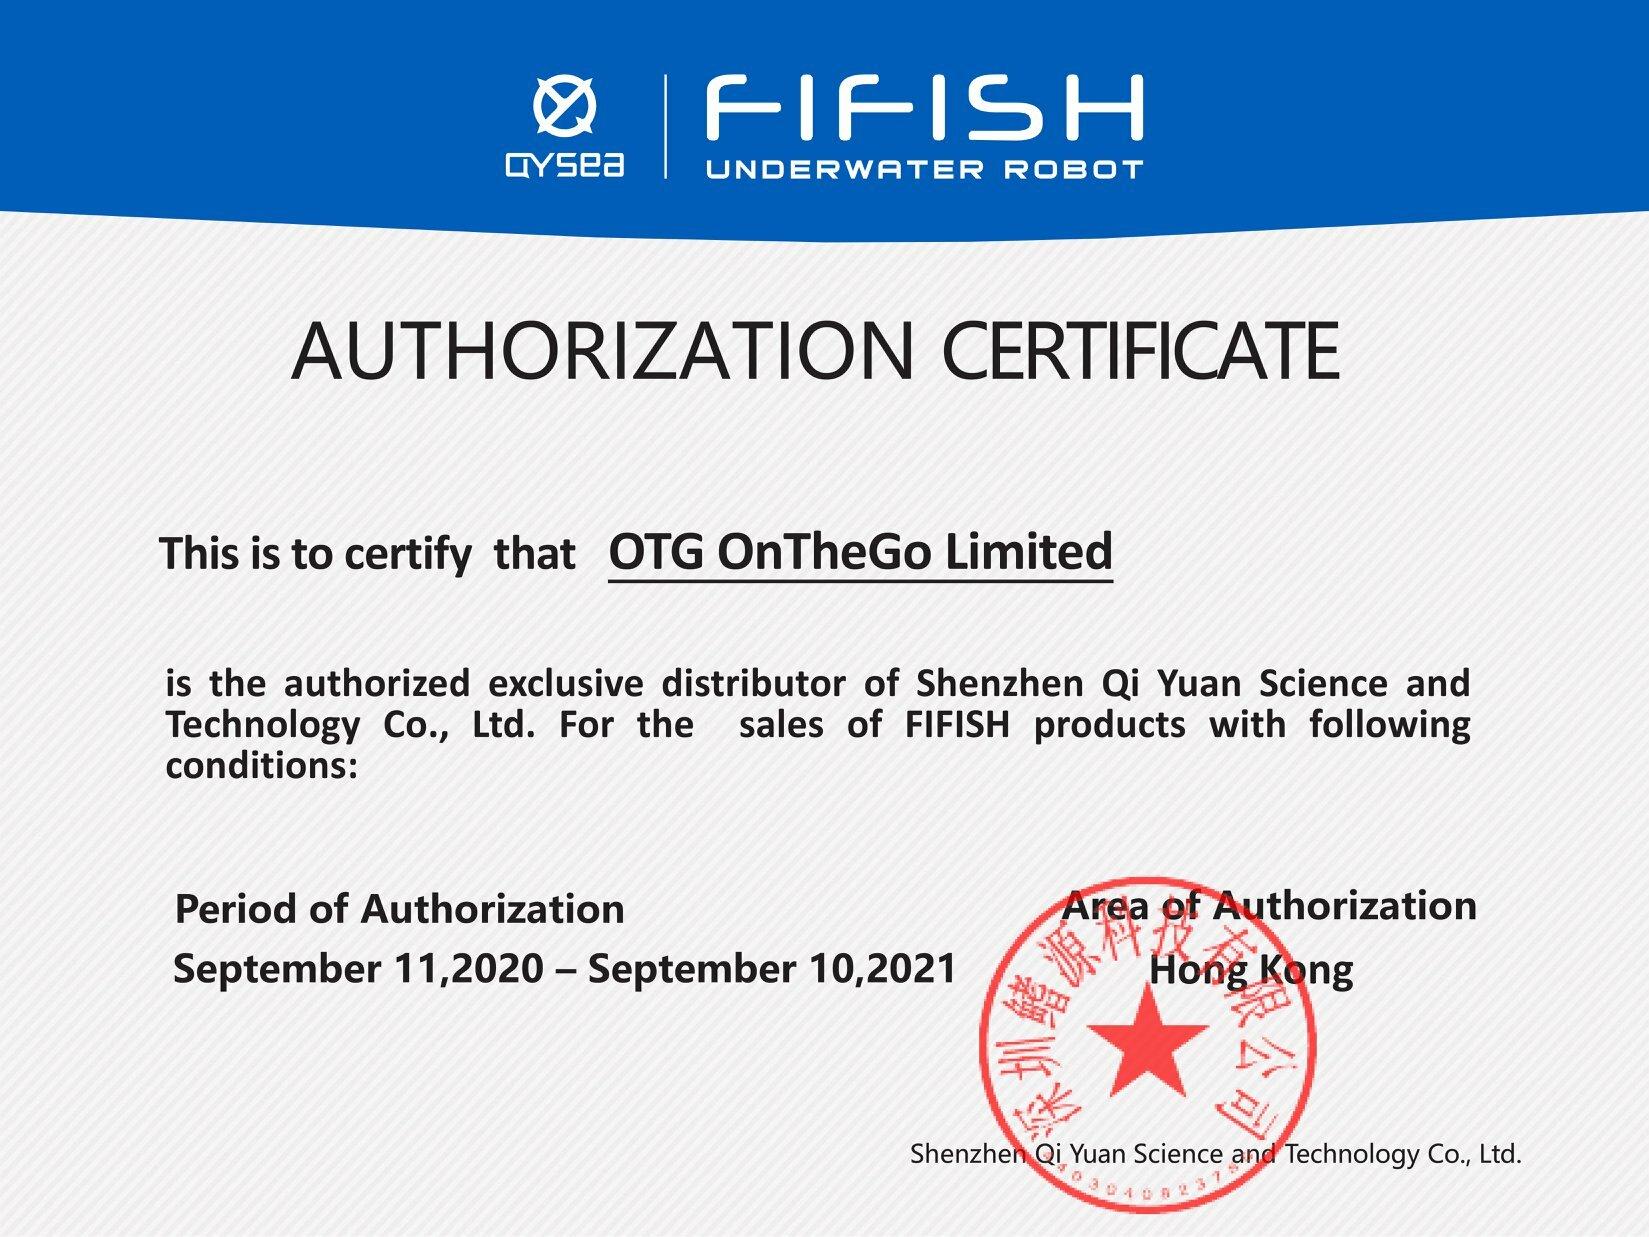 OTG 成為 QYSEA 水下無人機香港獨家總代理